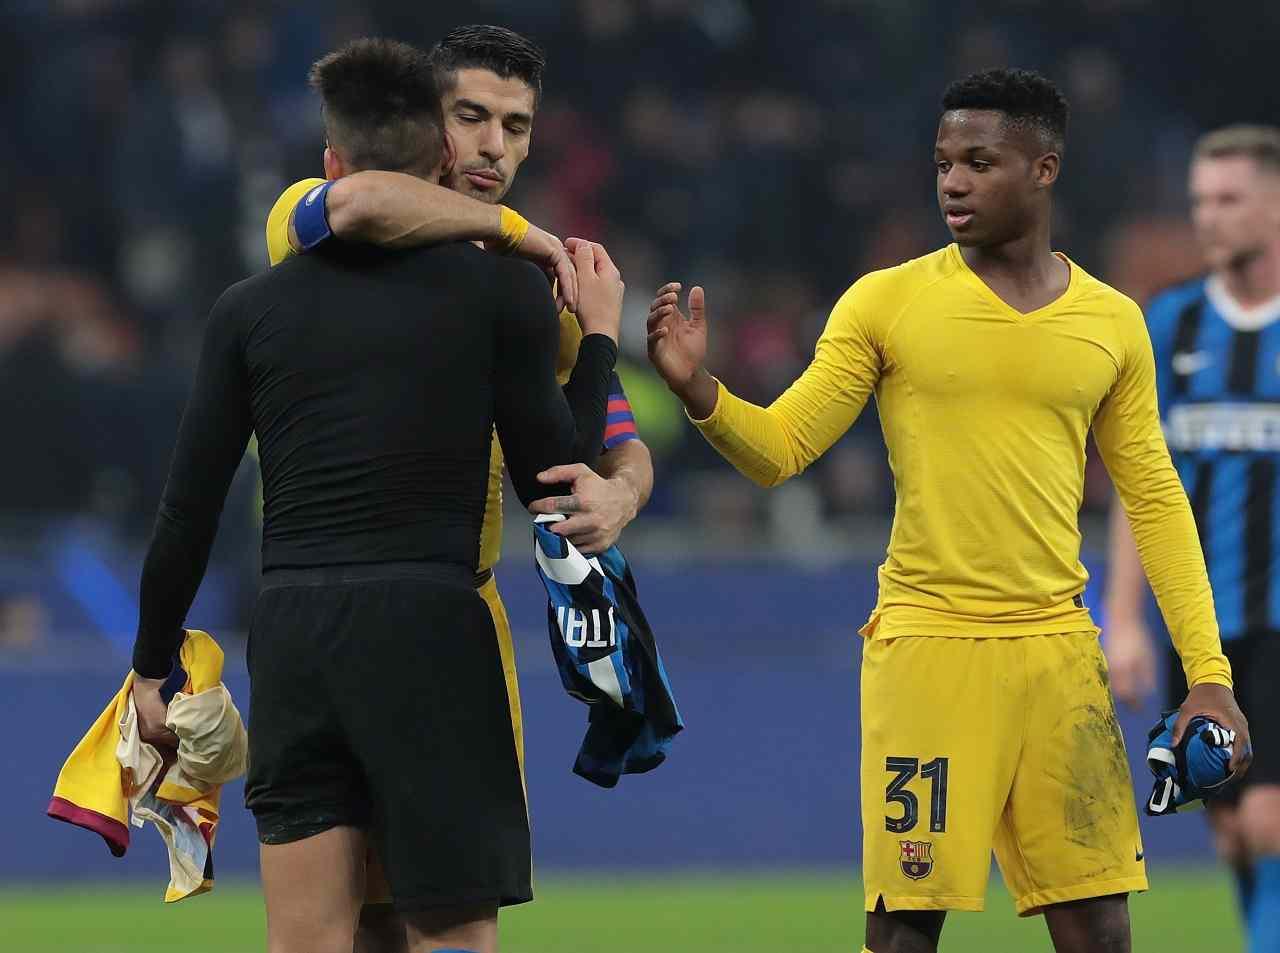 Calciomercato Inter richiesta 100 milioni per Lautaro Martinez: il Barcellona dice no